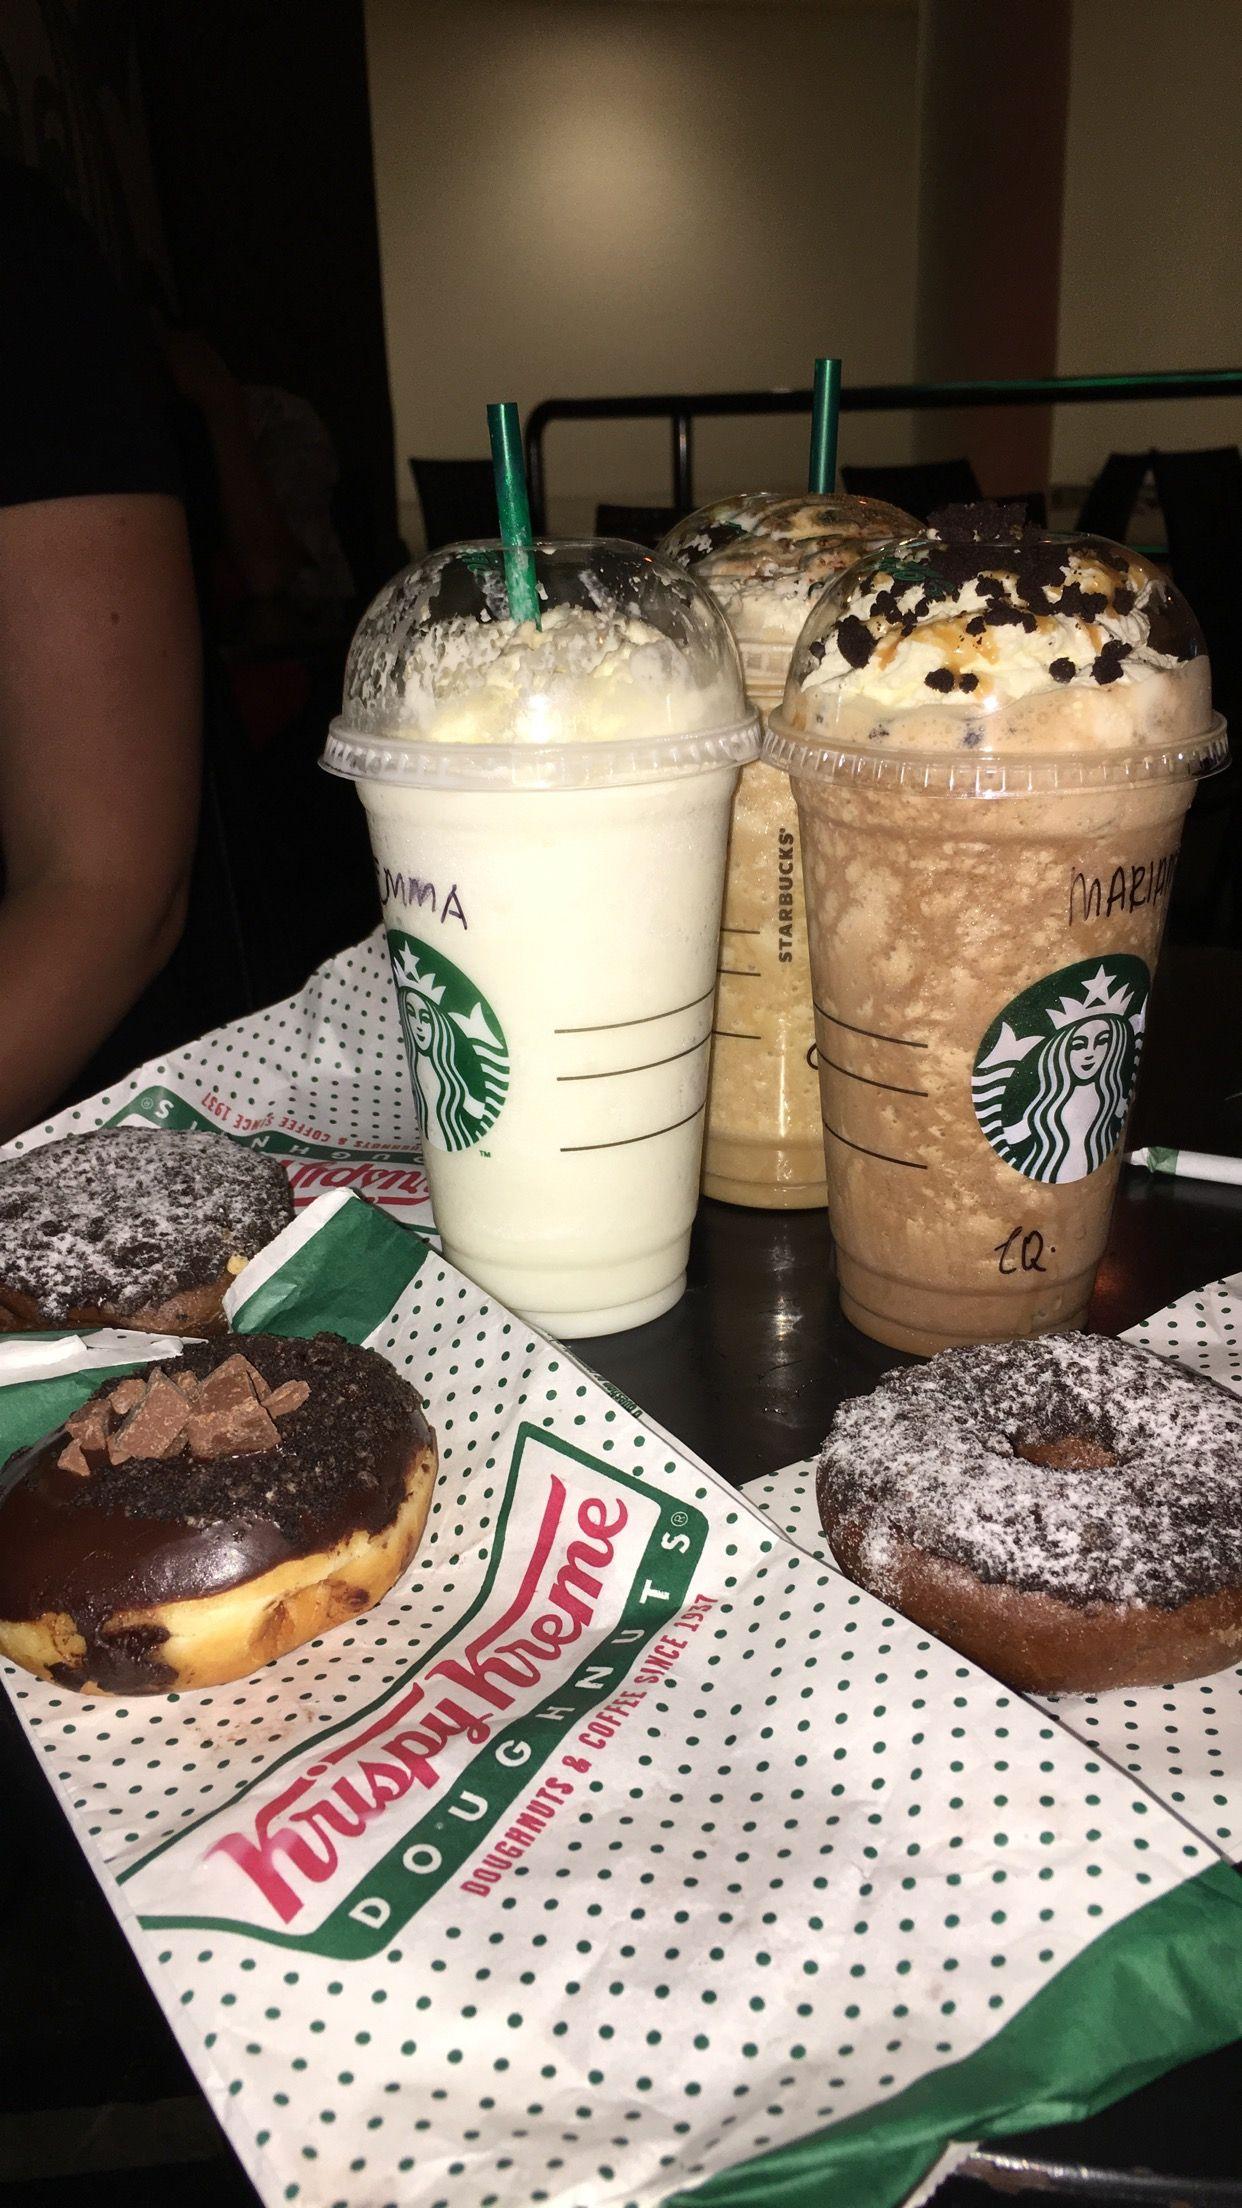 Starbucks And Krispy Kreme Makanan Kopi